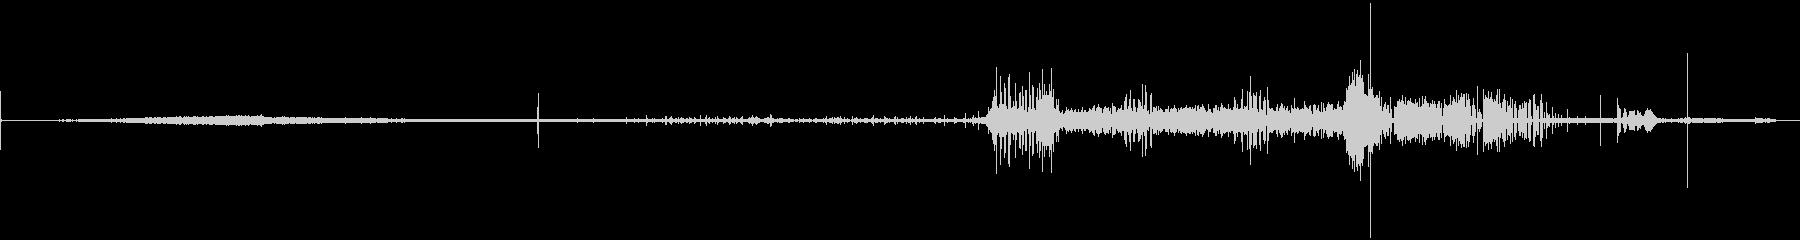 カプチーノマシン-全シーケンス-キッチンの未再生の波形